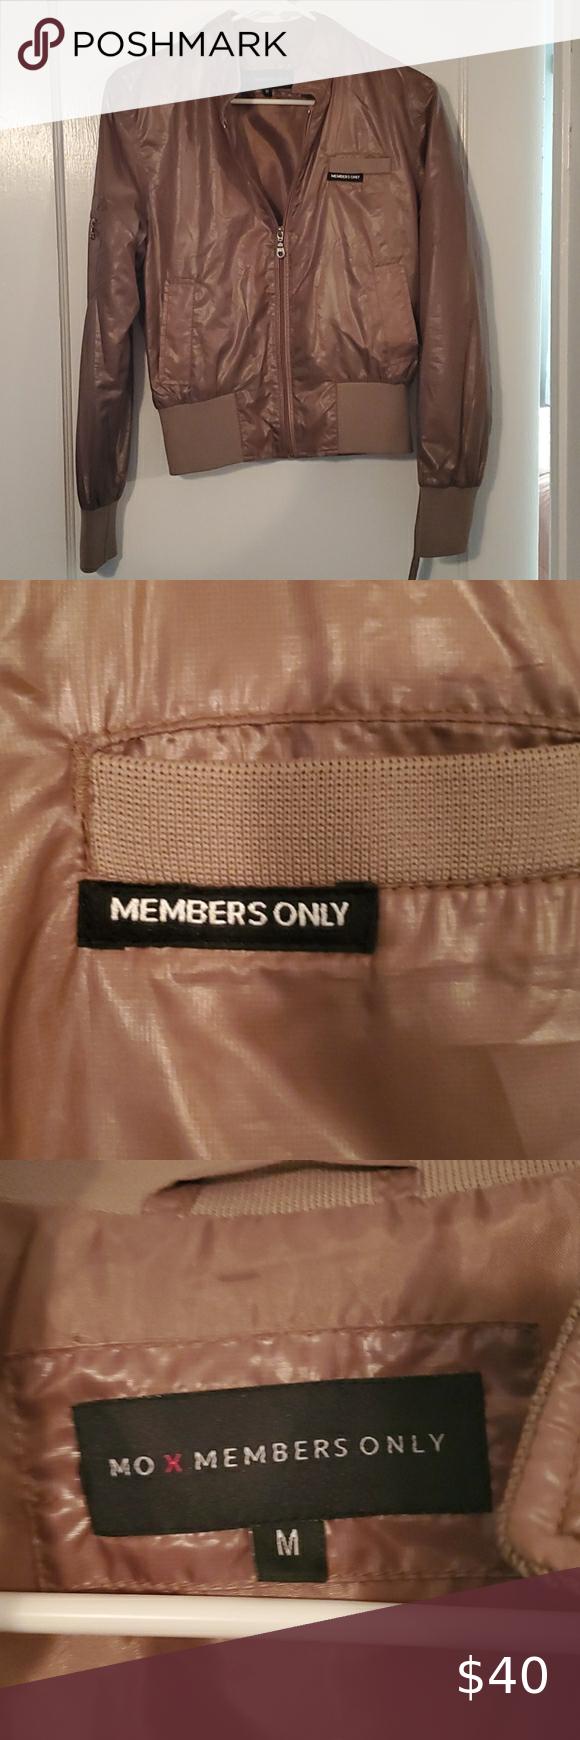 Members Only Tan Bomber Jacket Size Medium Members Only Tan Bomber Jacket Size Medium Members Only Jackets Tan Bomber Jacket Members Only Jacket Bomber Jacket [ 1740 x 580 Pixel ]